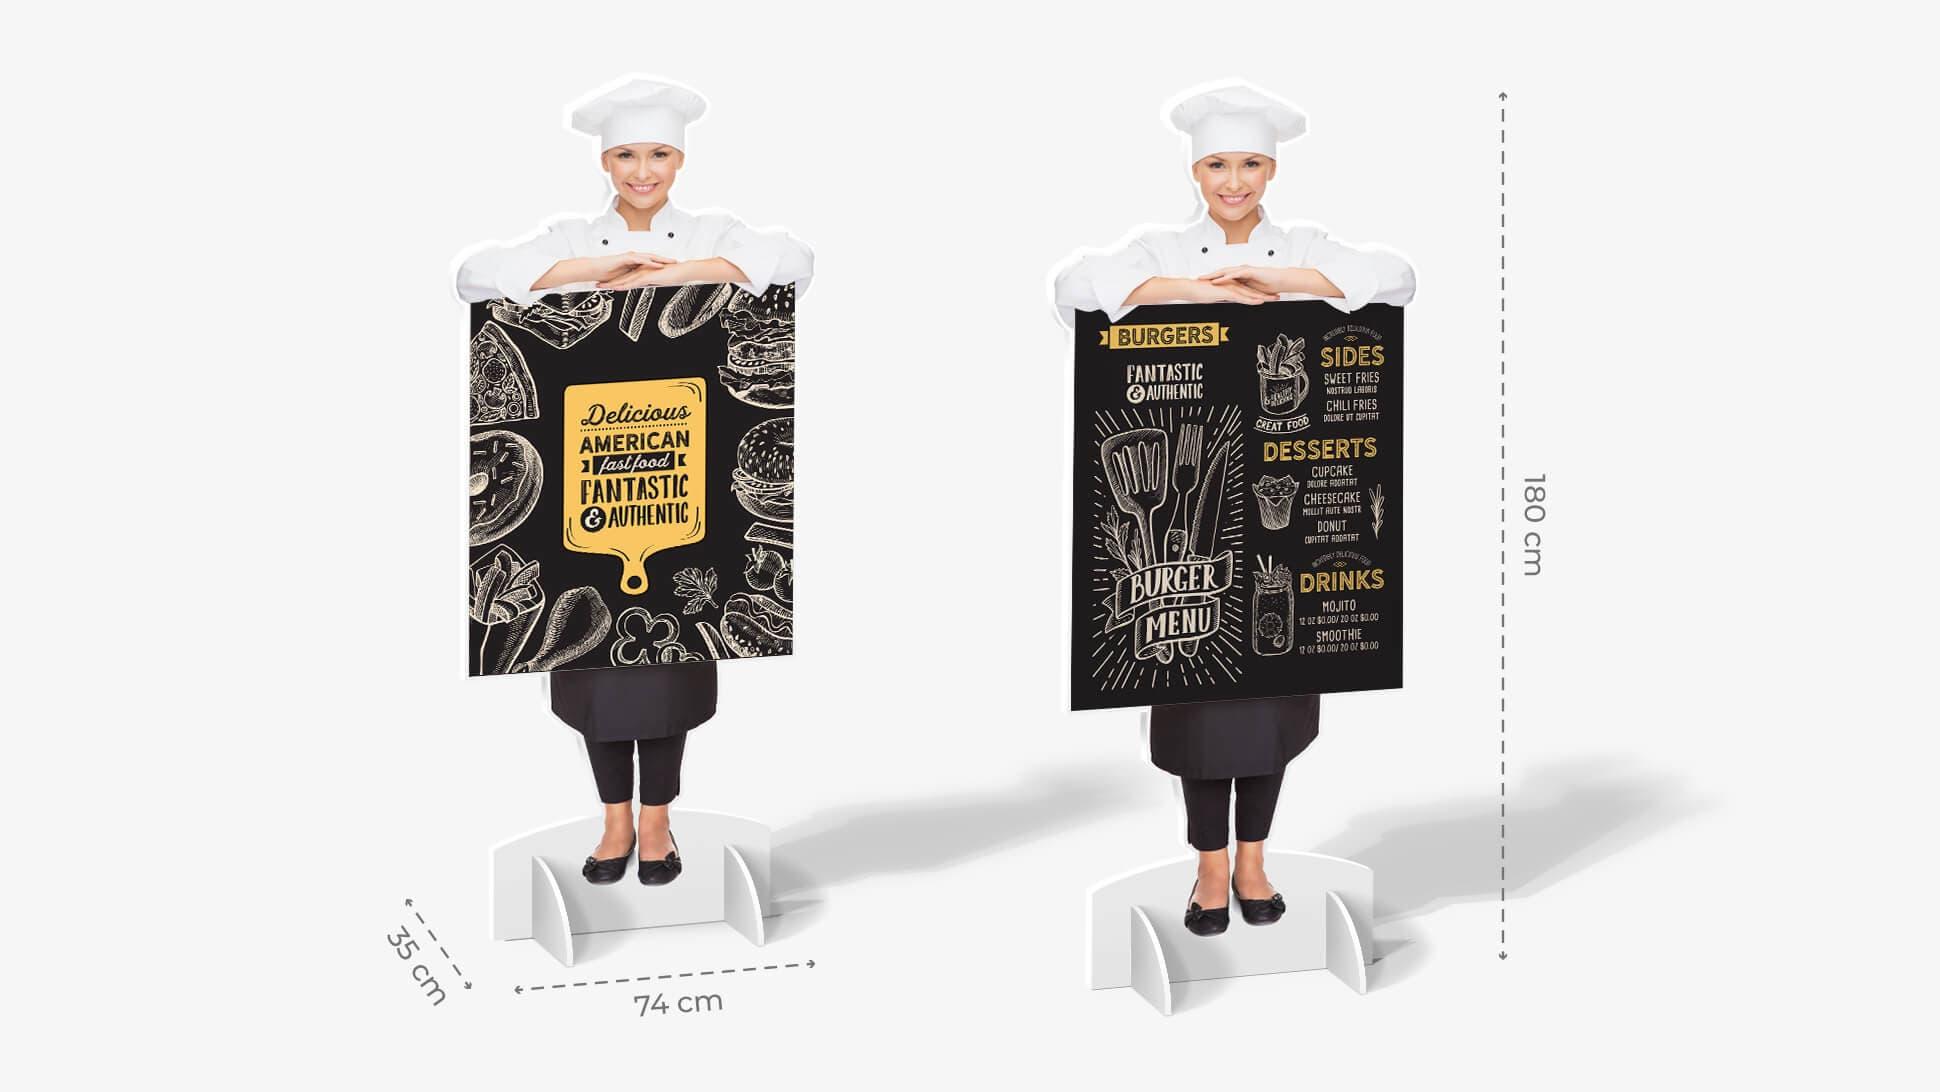 Sagome prestampate autoportanti in polionda con cuoca e grafica | tictac.it